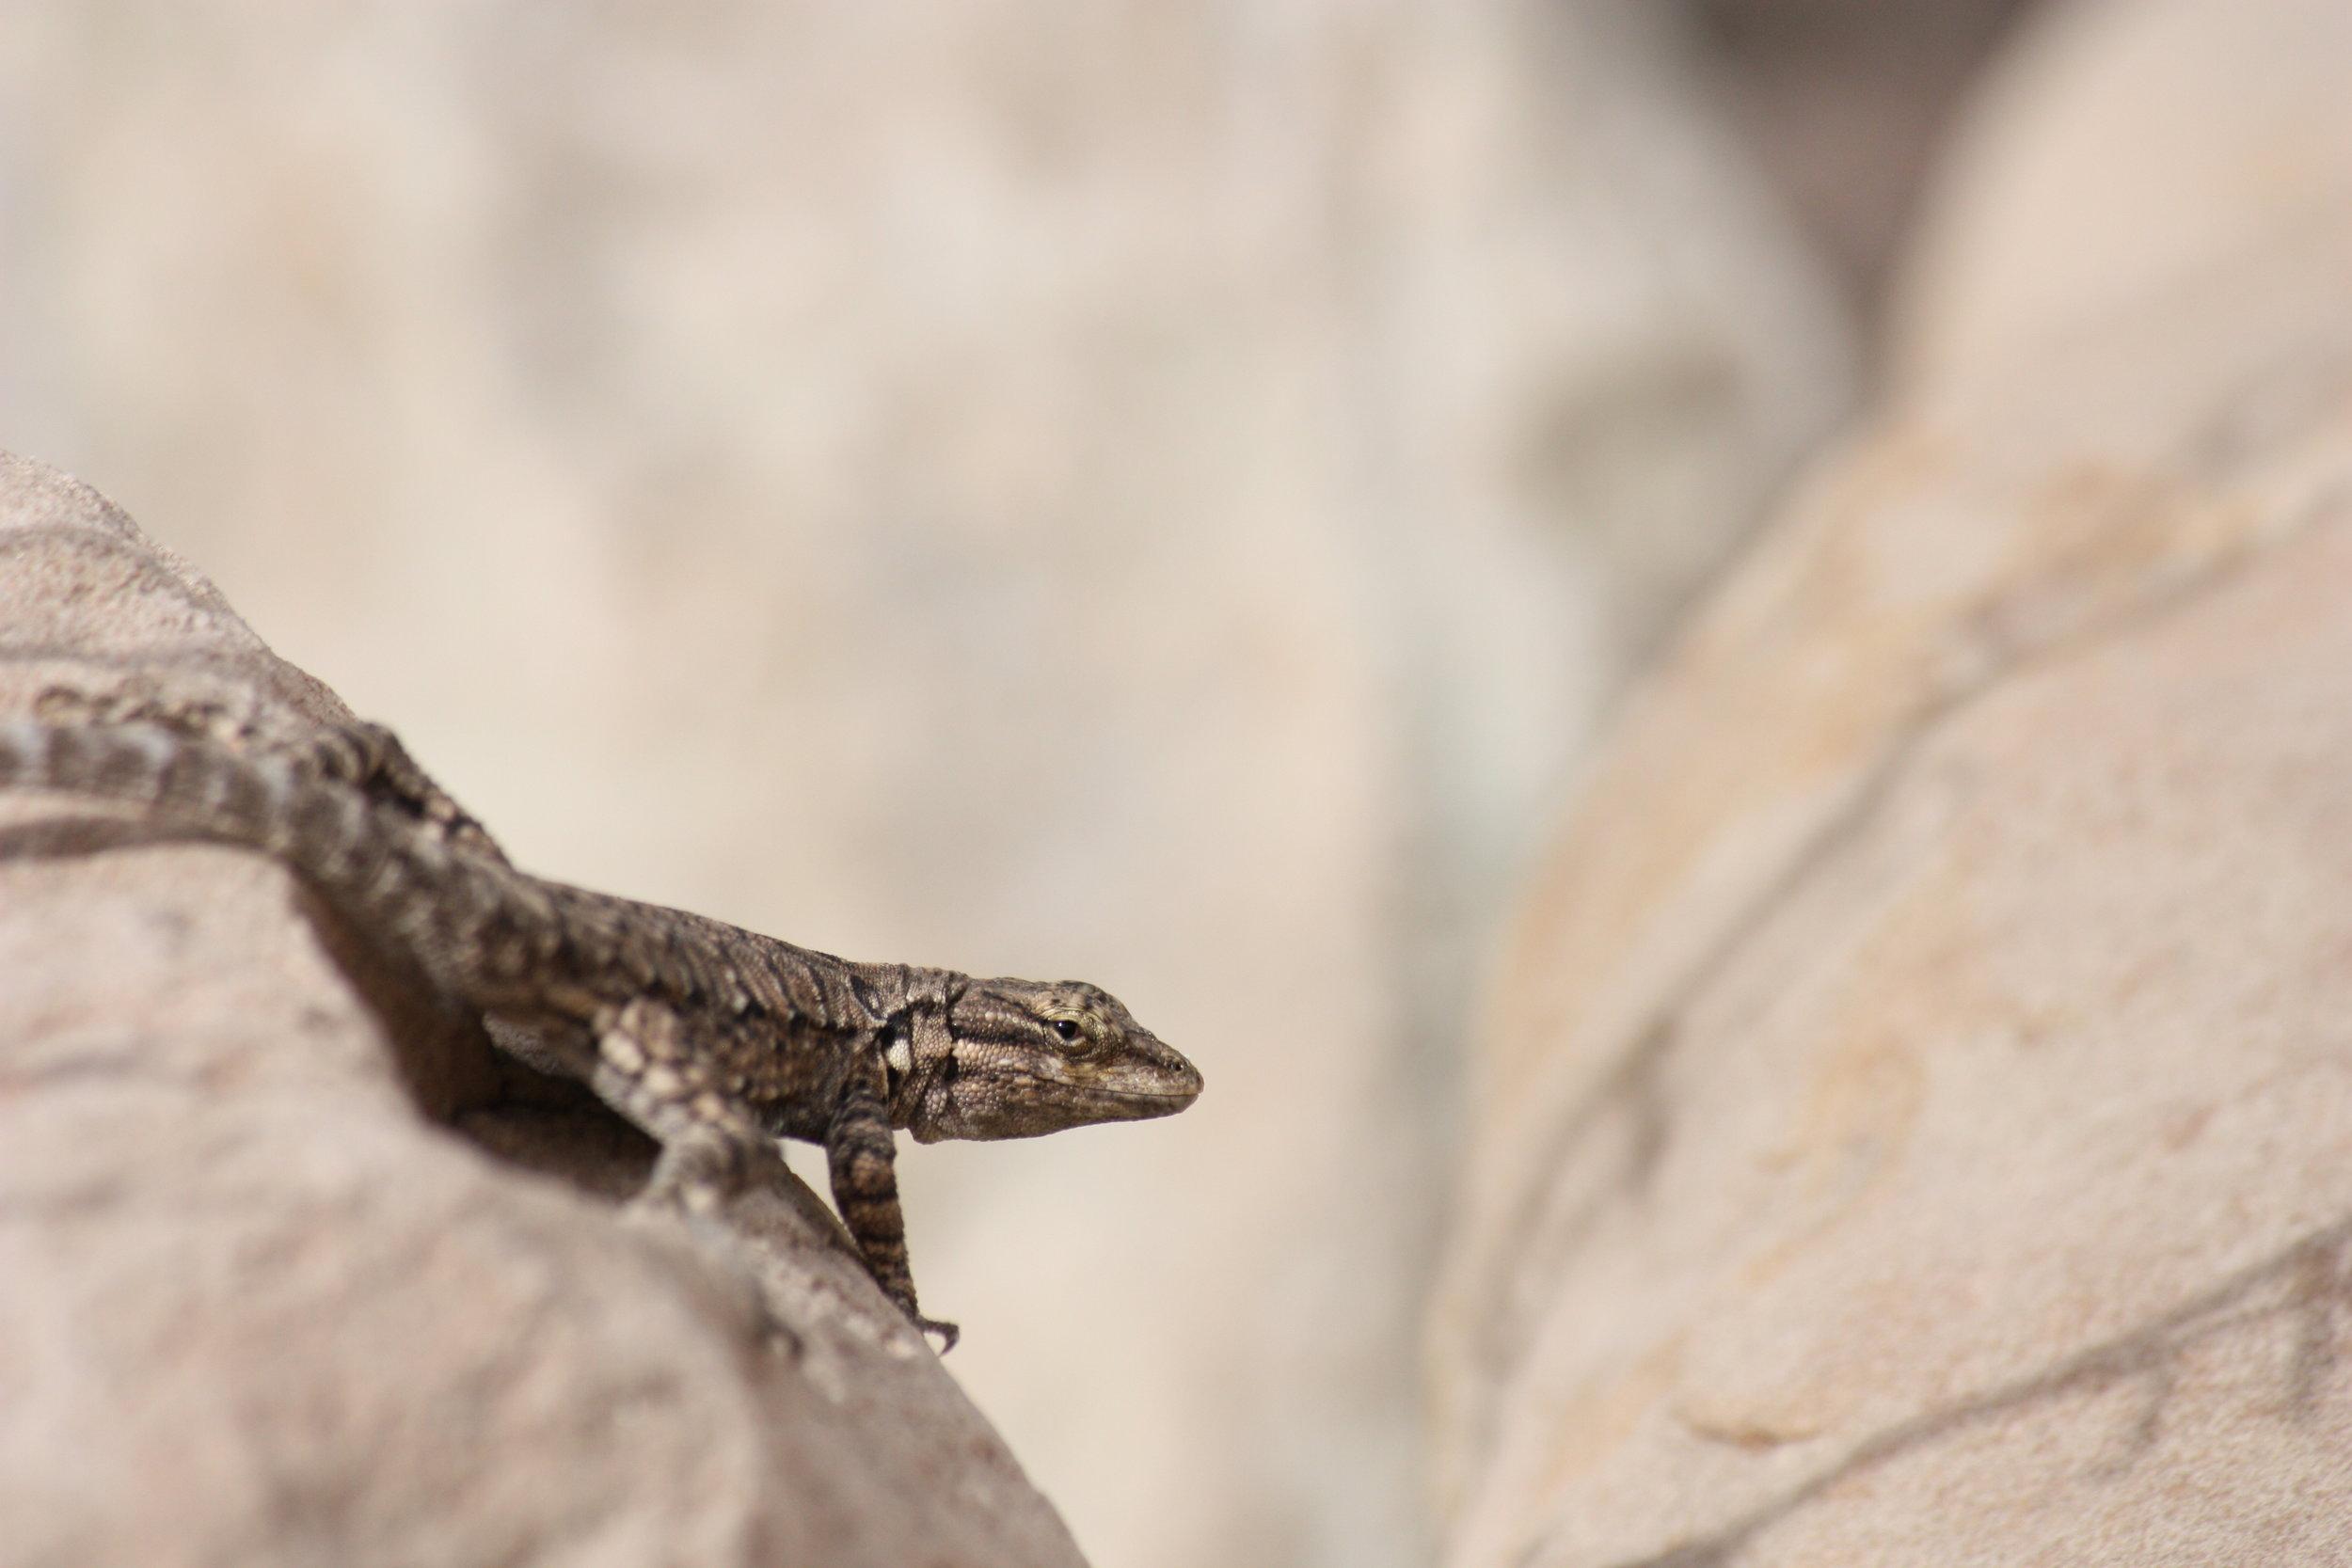 tree-lizard-urosaurus-ornatus_26058509545_o.jpg